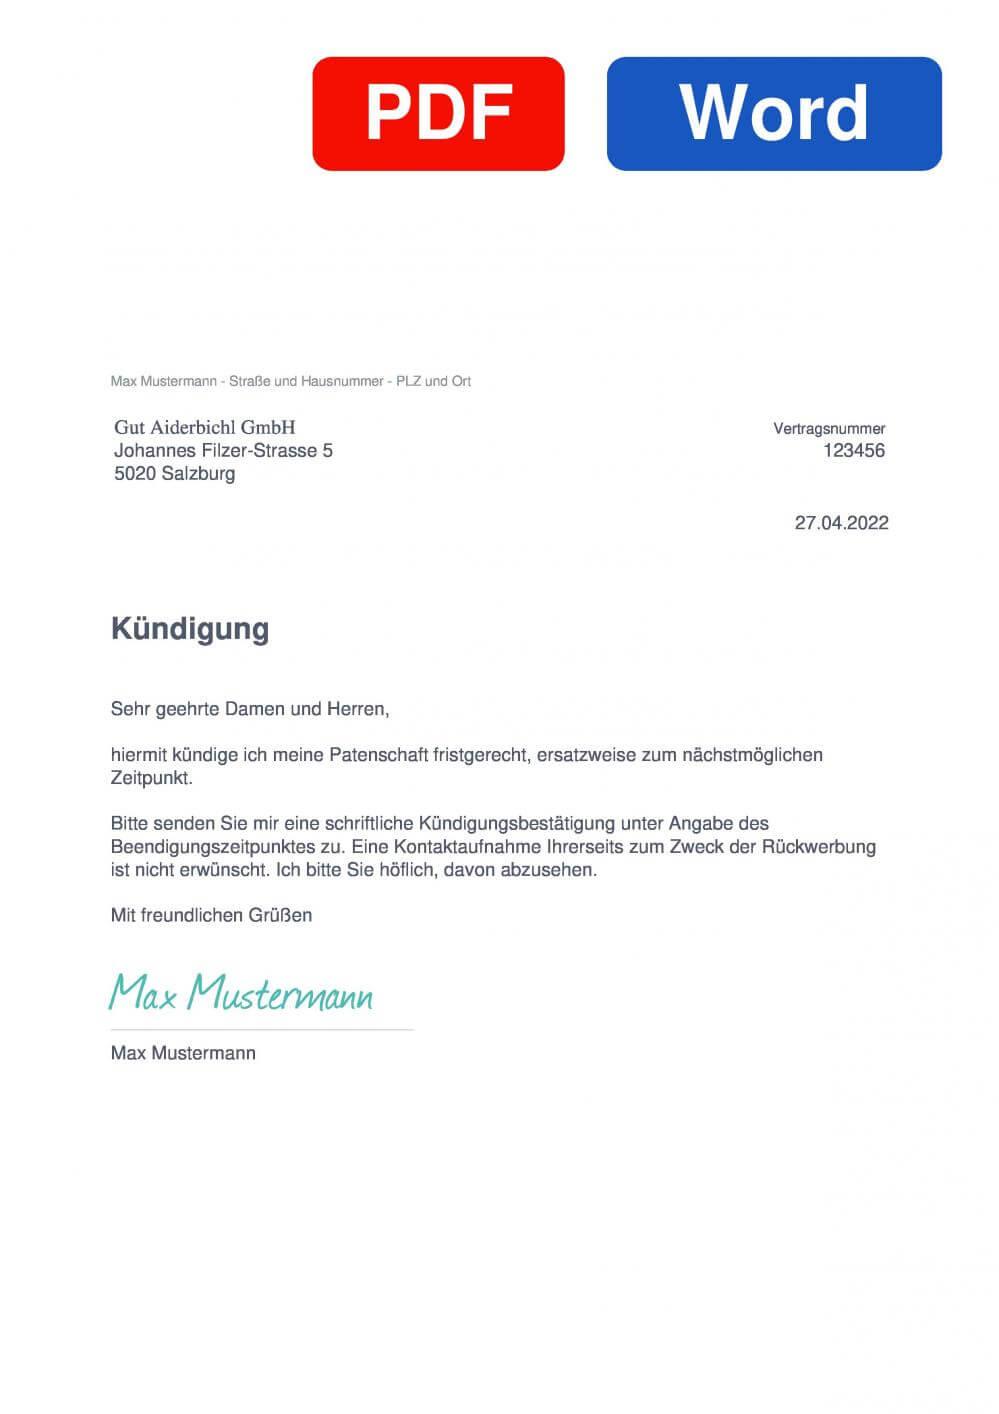 Gut Aiderbichl Muster Vorlage für Kündigungsschreiben